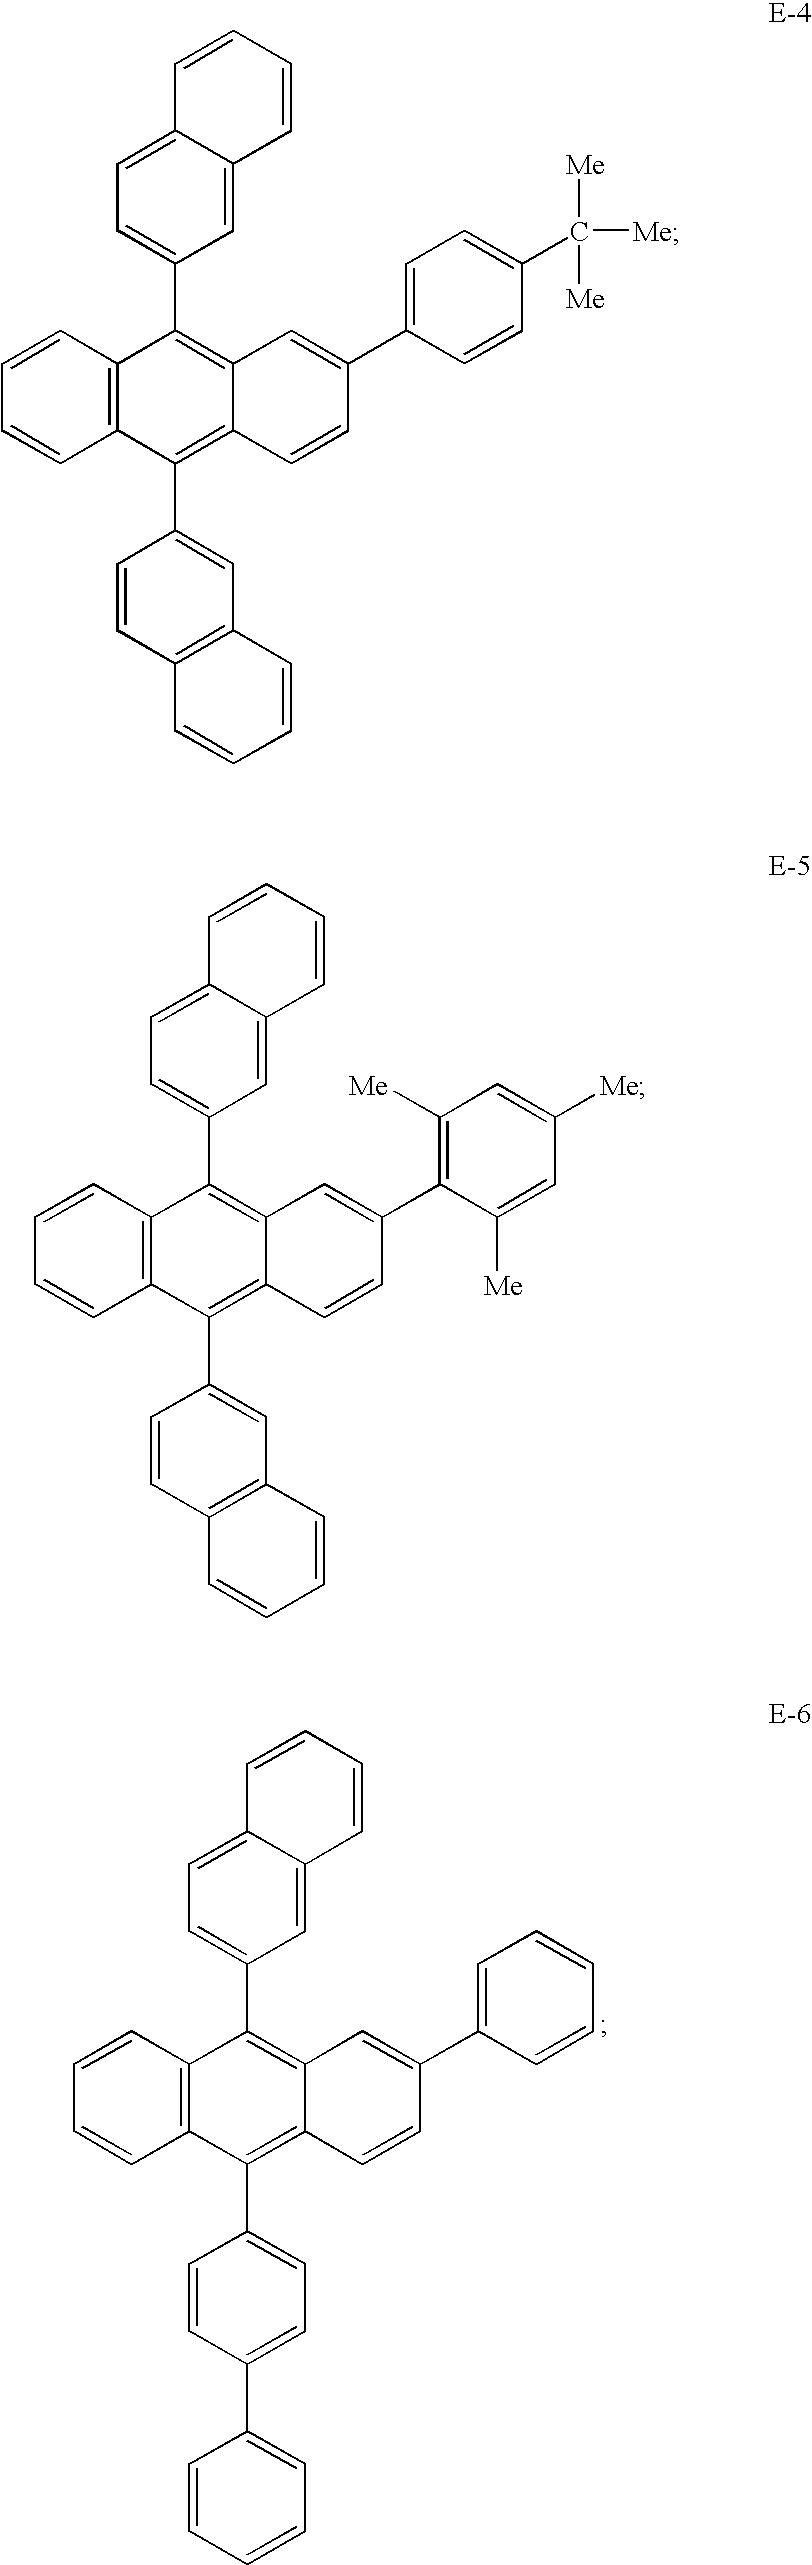 Figure US20090115316A1-20090507-C00011